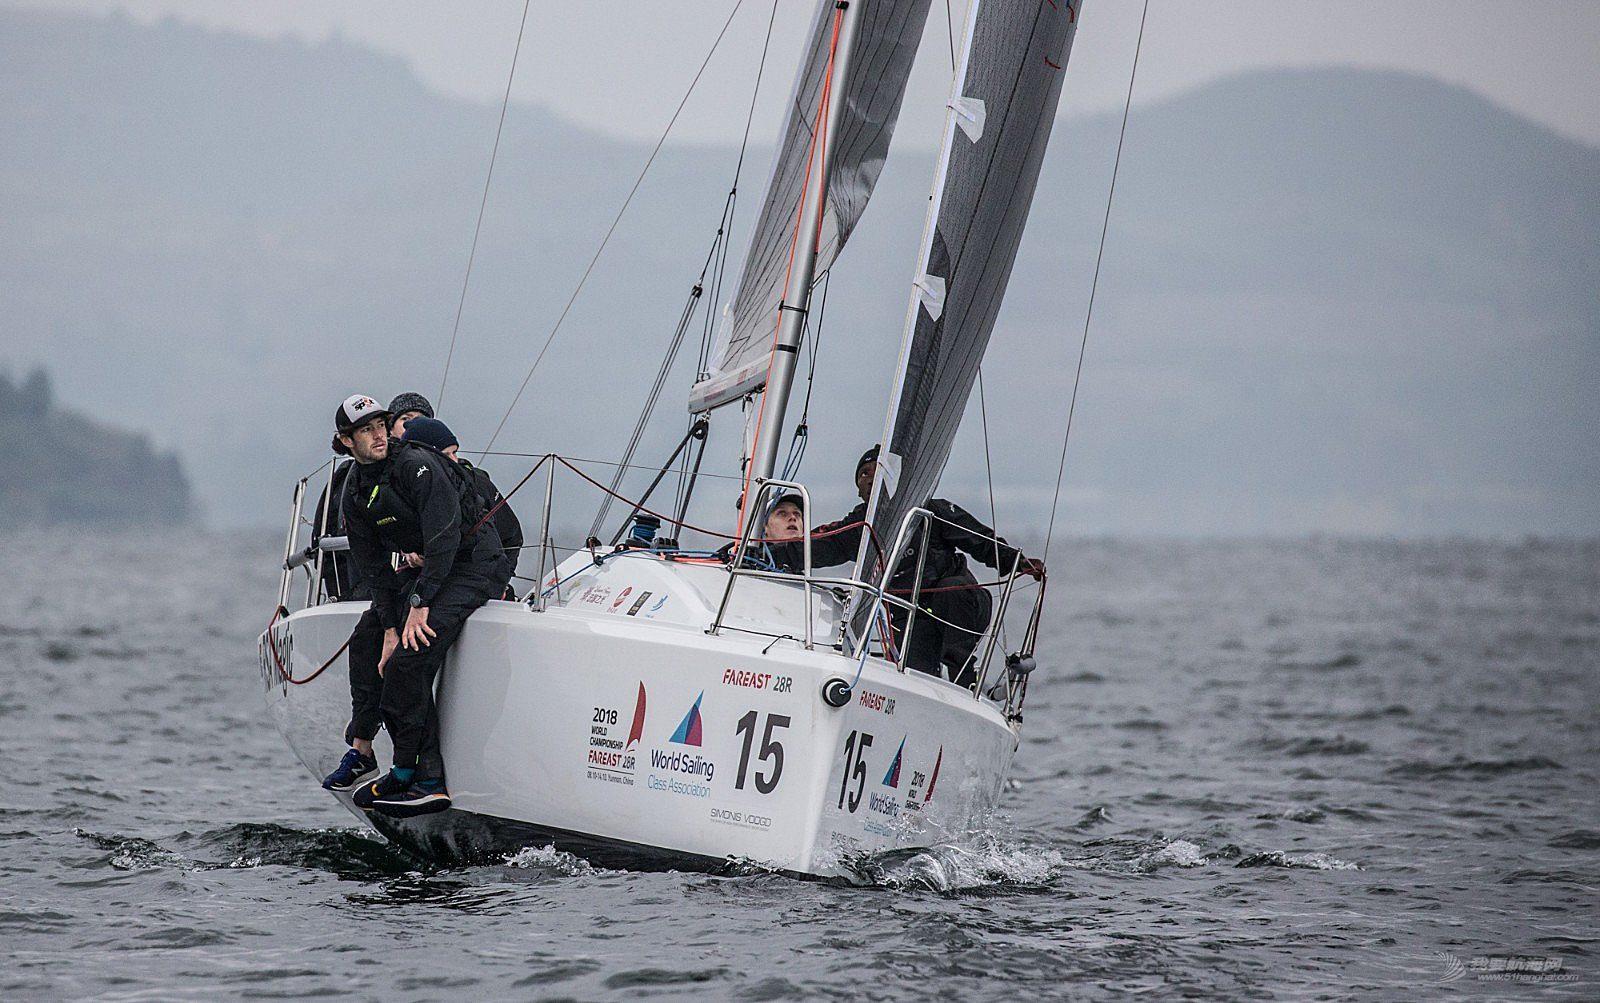 2018国际珐伊28R帆船世锦赛精彩图片贴6